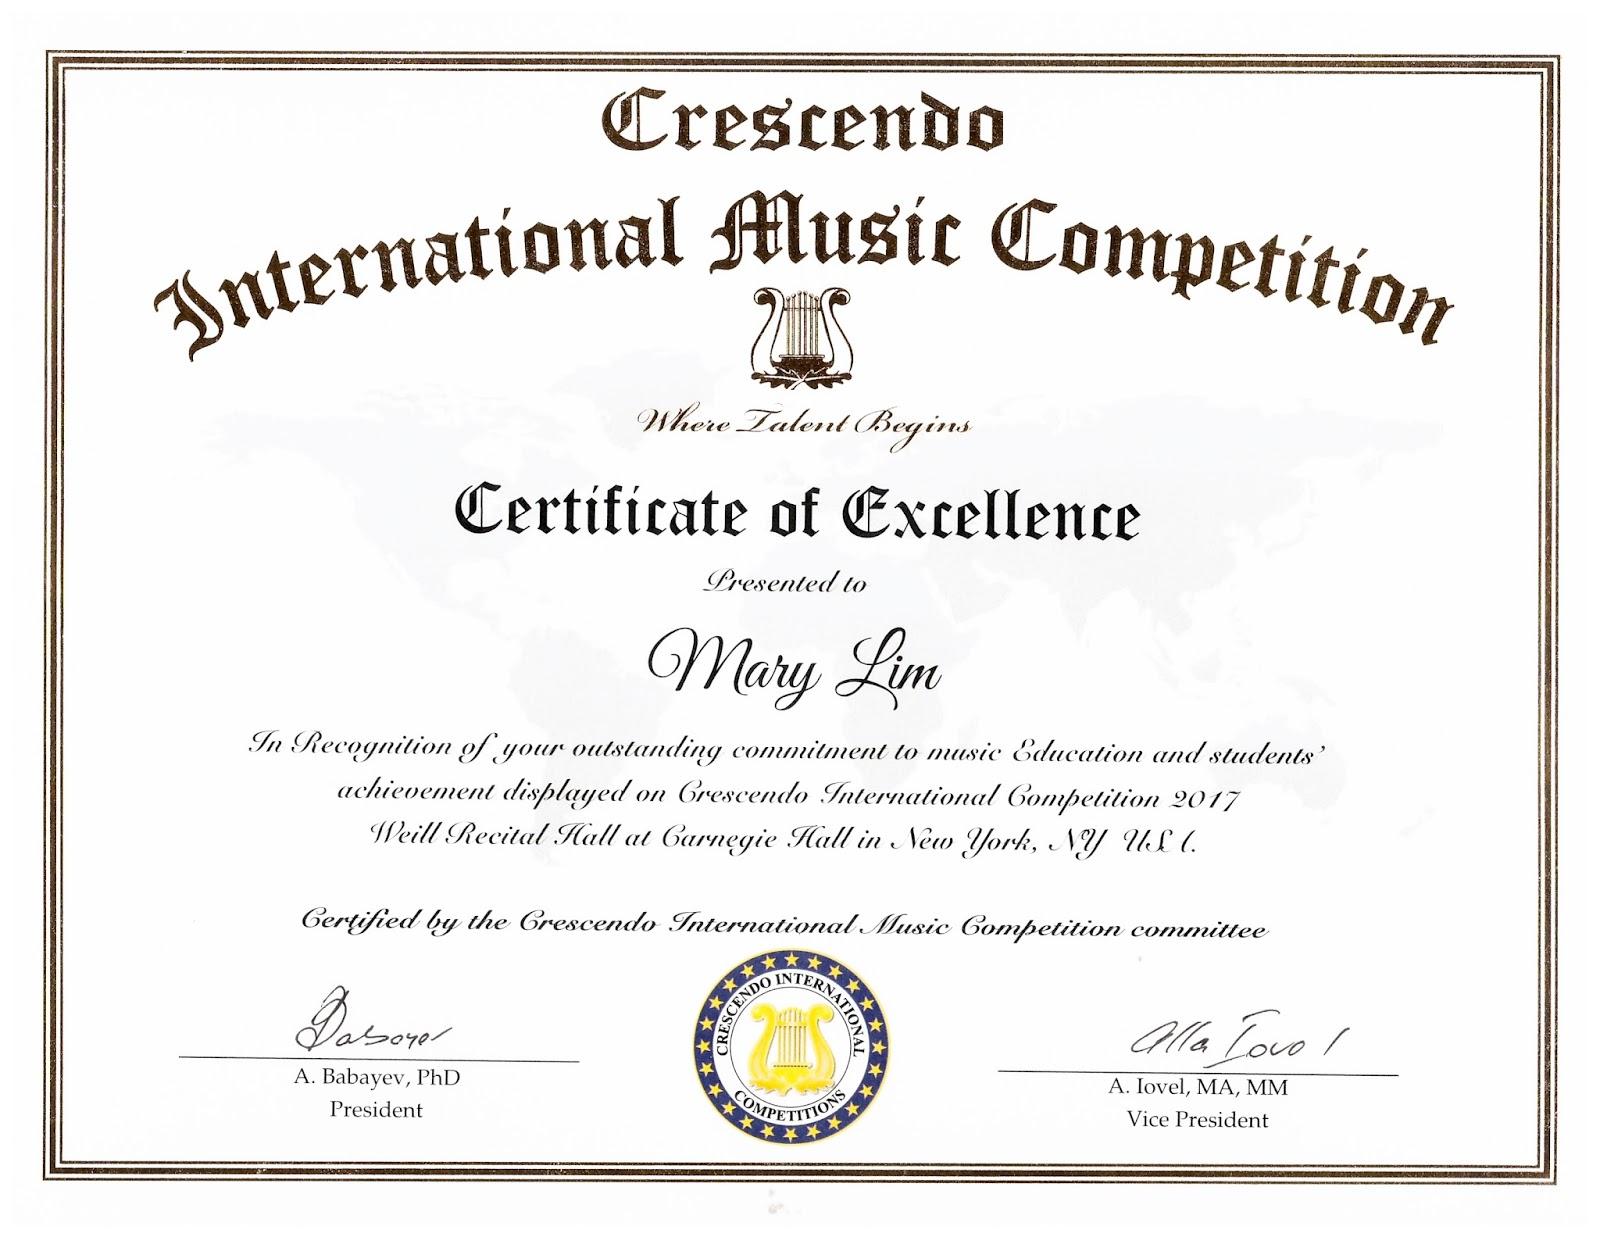 mary lim  piano teacher in toronto  u266a  u6797 u7f8e u9e97 u92fc u7434 u8001 u5e2b